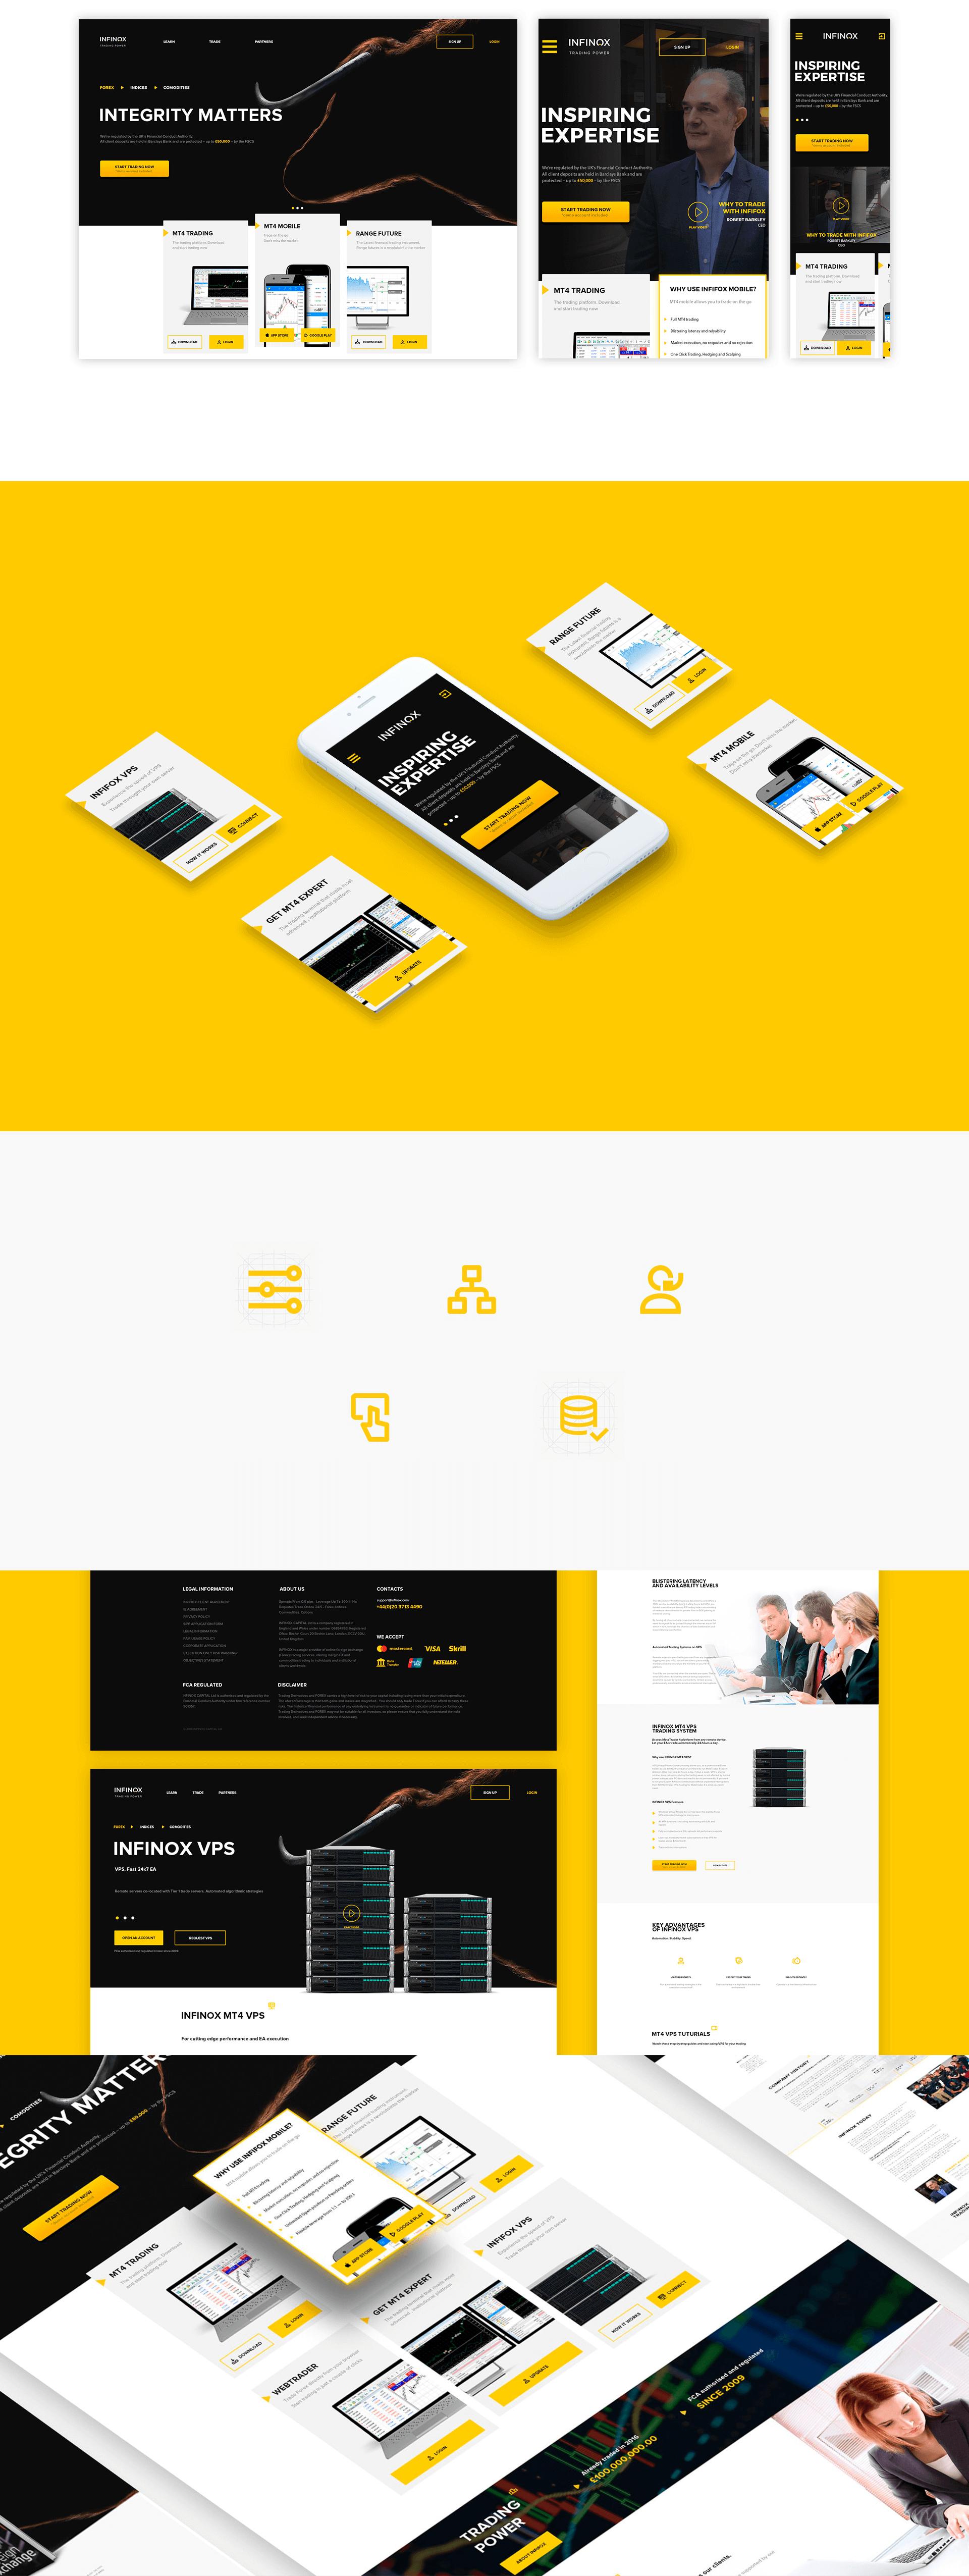 Solar Digital Дизайн интерфейсов финансового брокера из Лондона Infinox